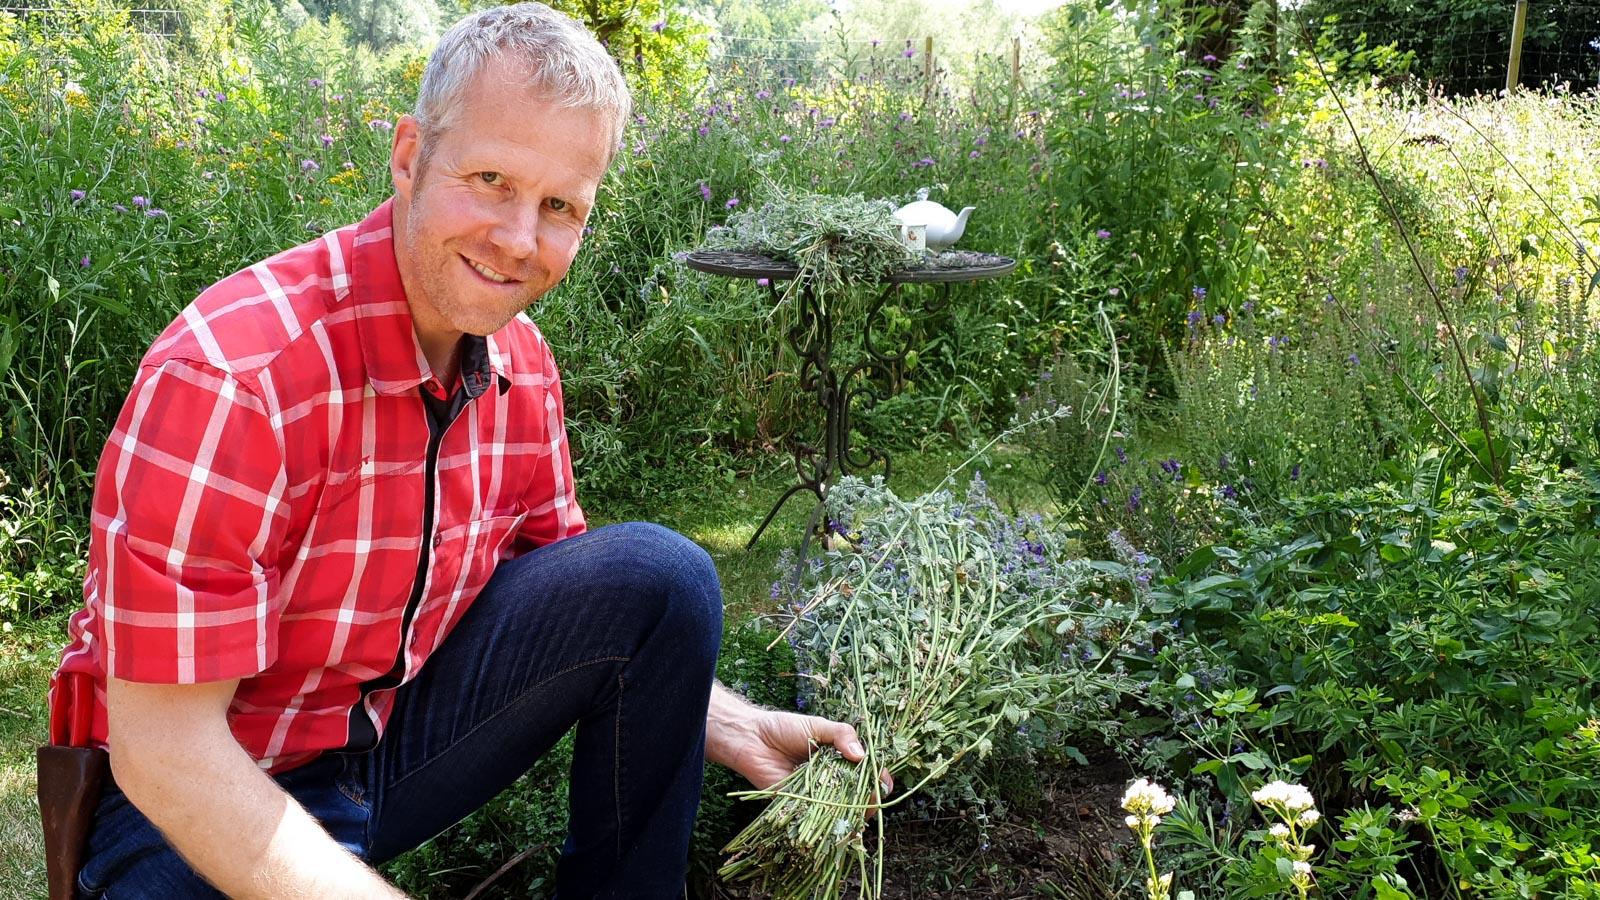 Gartenberater Philippe Dahlmann kniet vor einem Staudenbeet mit Katzenminze